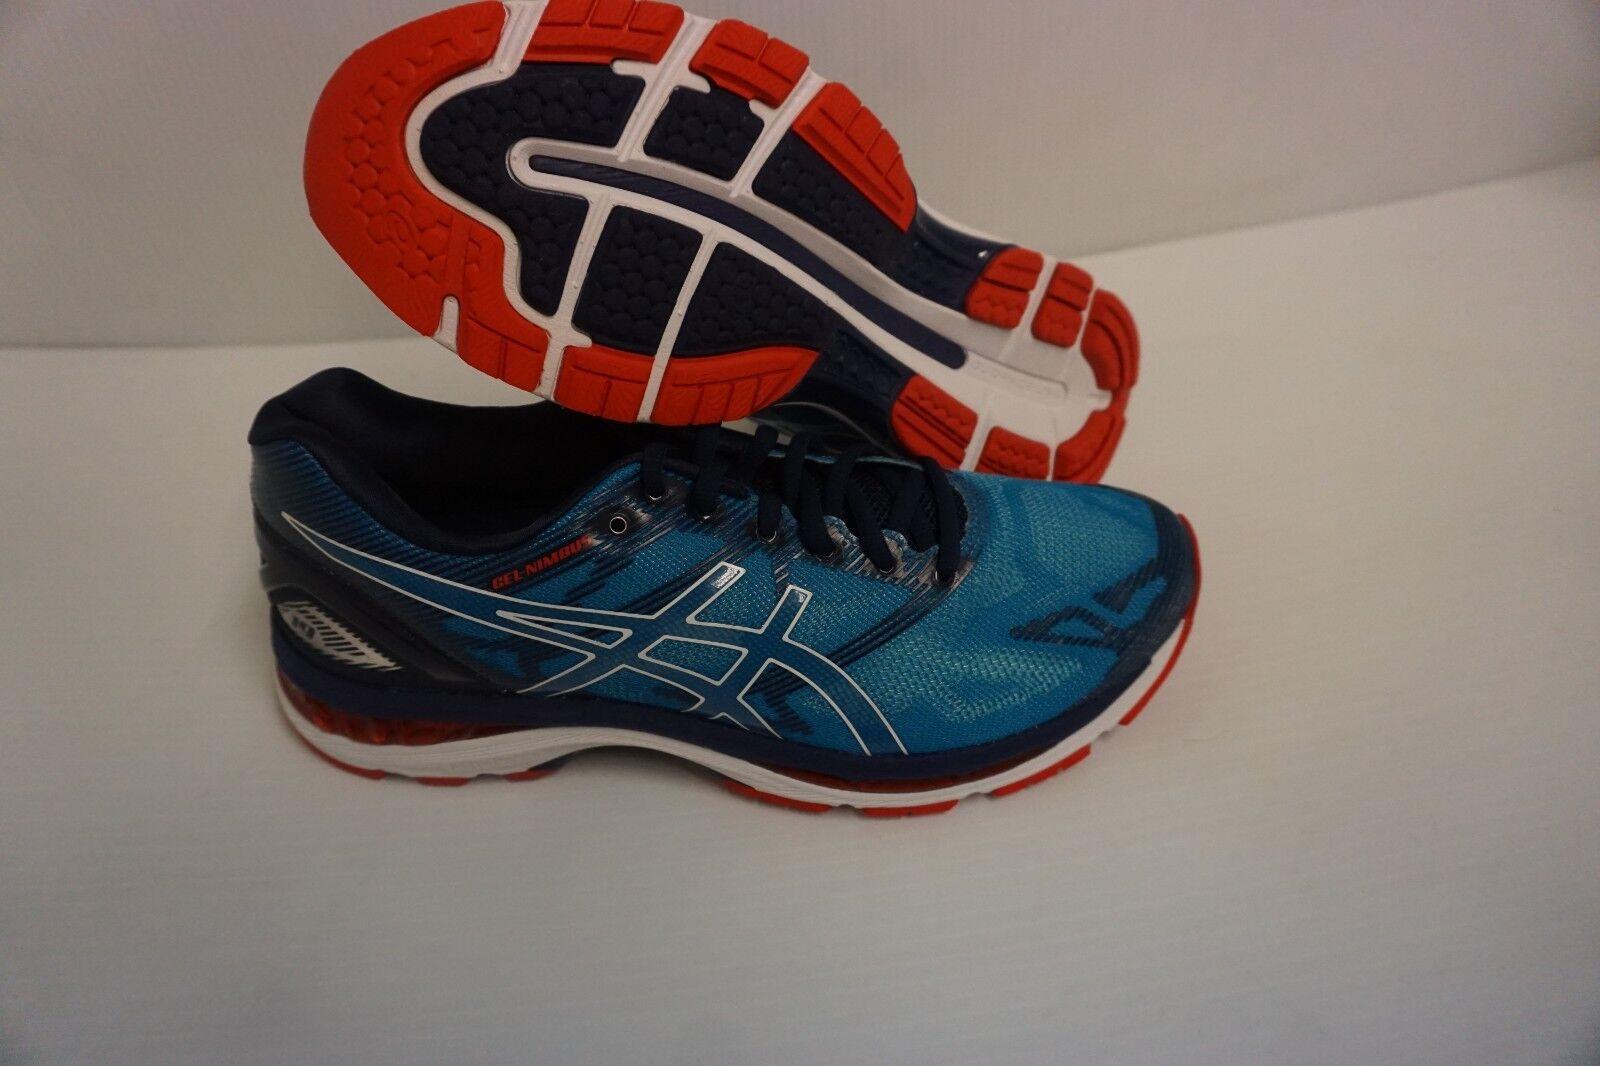 Asics Uomo gel nimbus 19 running shoes diva blue size white indigo blue size blue 9.5 us bd69d6